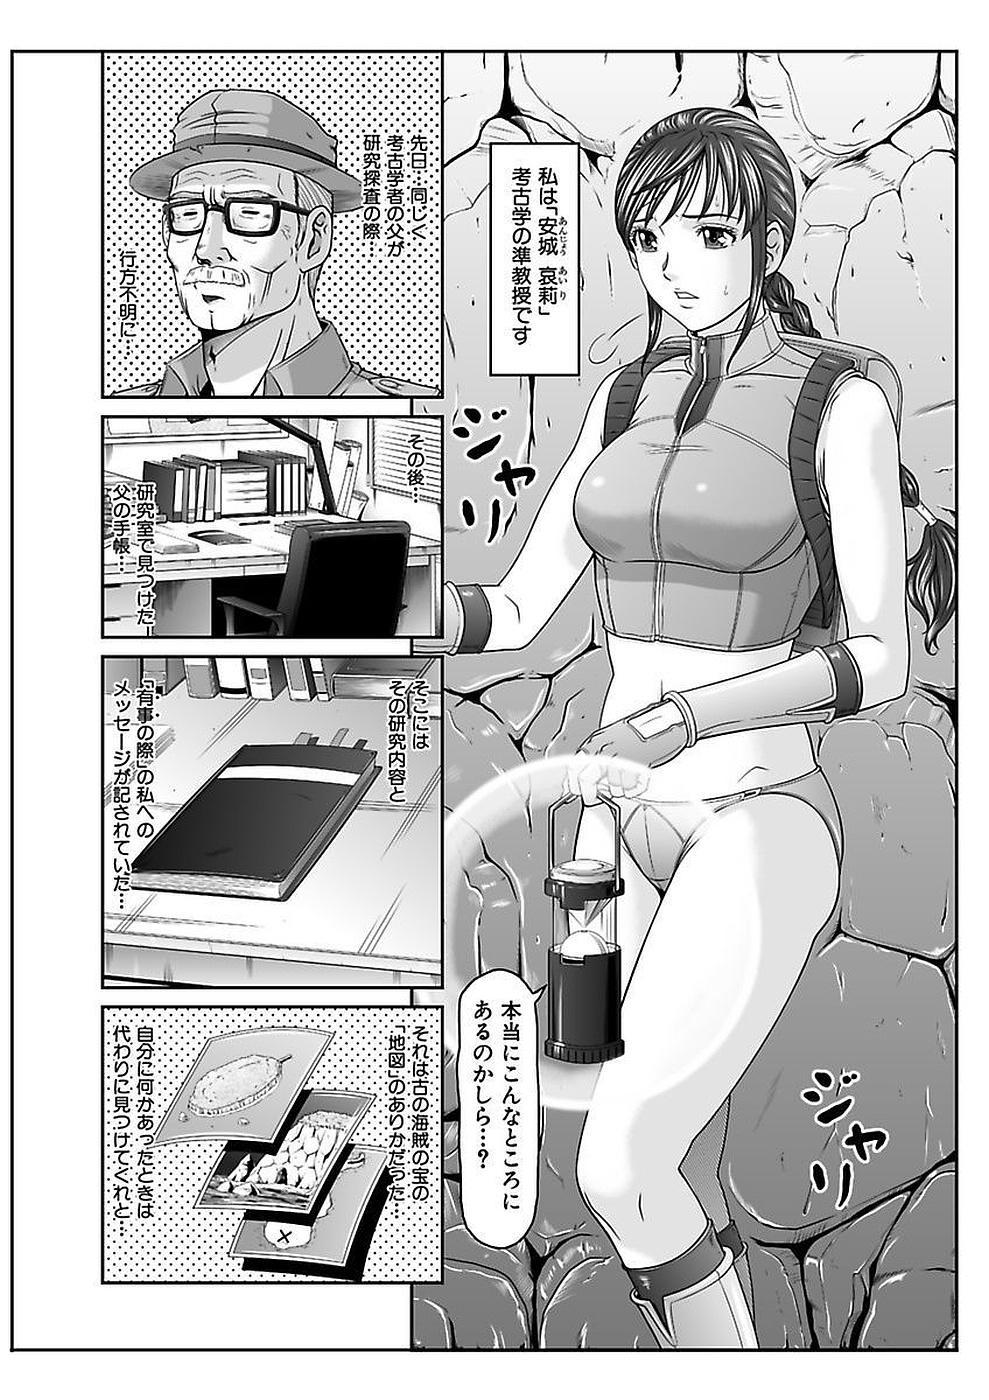 [Kurono Masakado] Dengeki Zecchou! Hihoujima ~Chikyuu no Oku ni Sasowarete~ Joukan 3